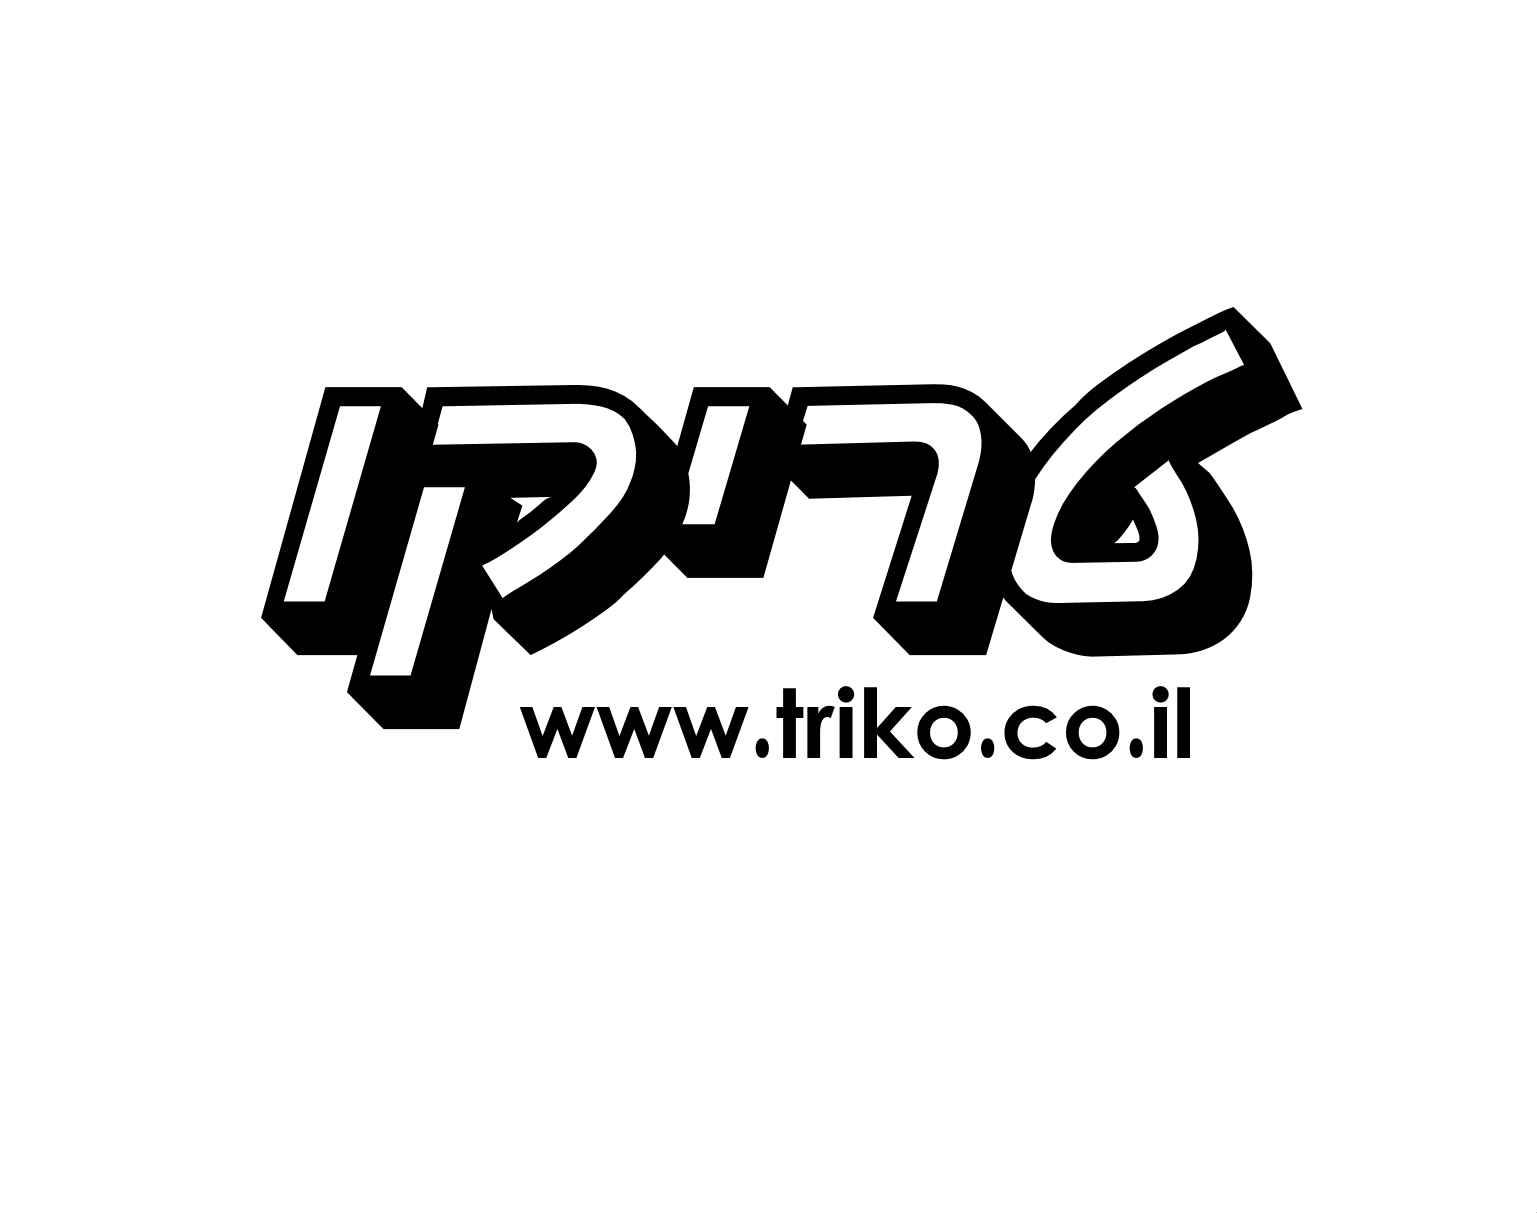 טריקו- הדפסה על חולצות ומוצרים